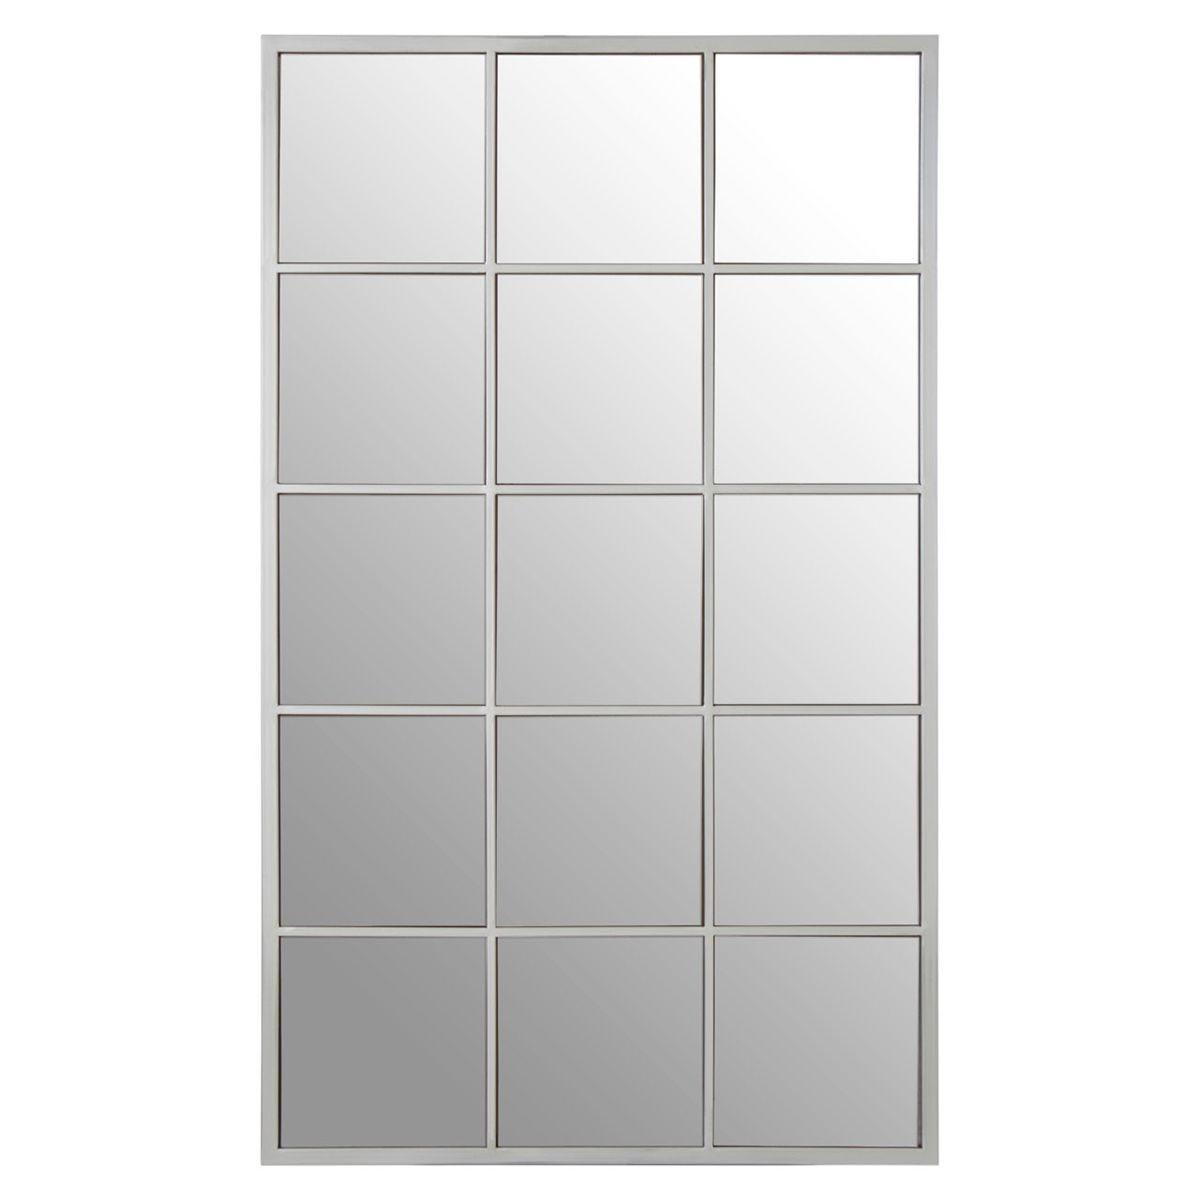 Premier Housewares Descartes Large Wall Mirror - Silver Metal